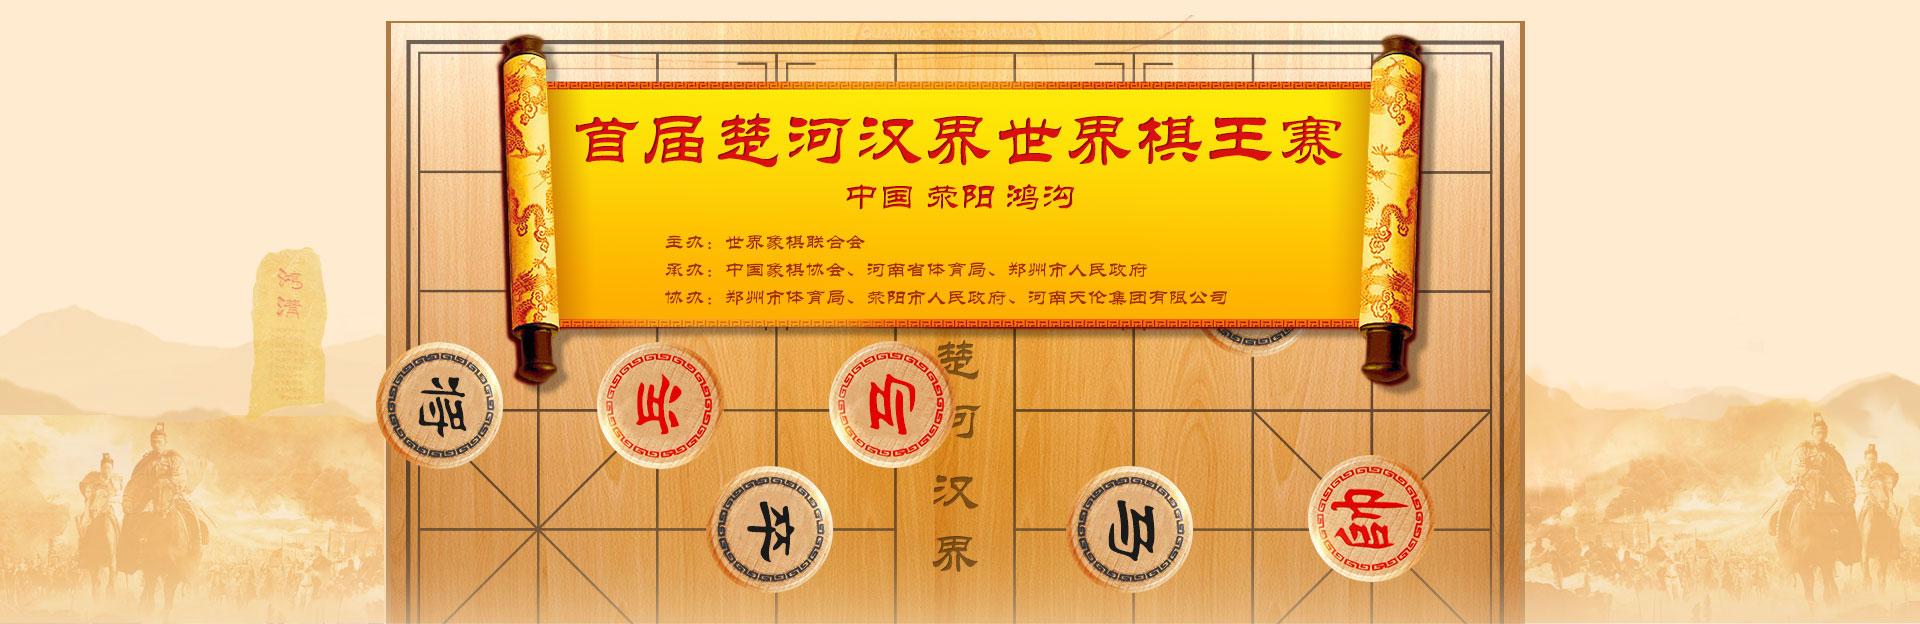 首届楚河汉界象棋大赛